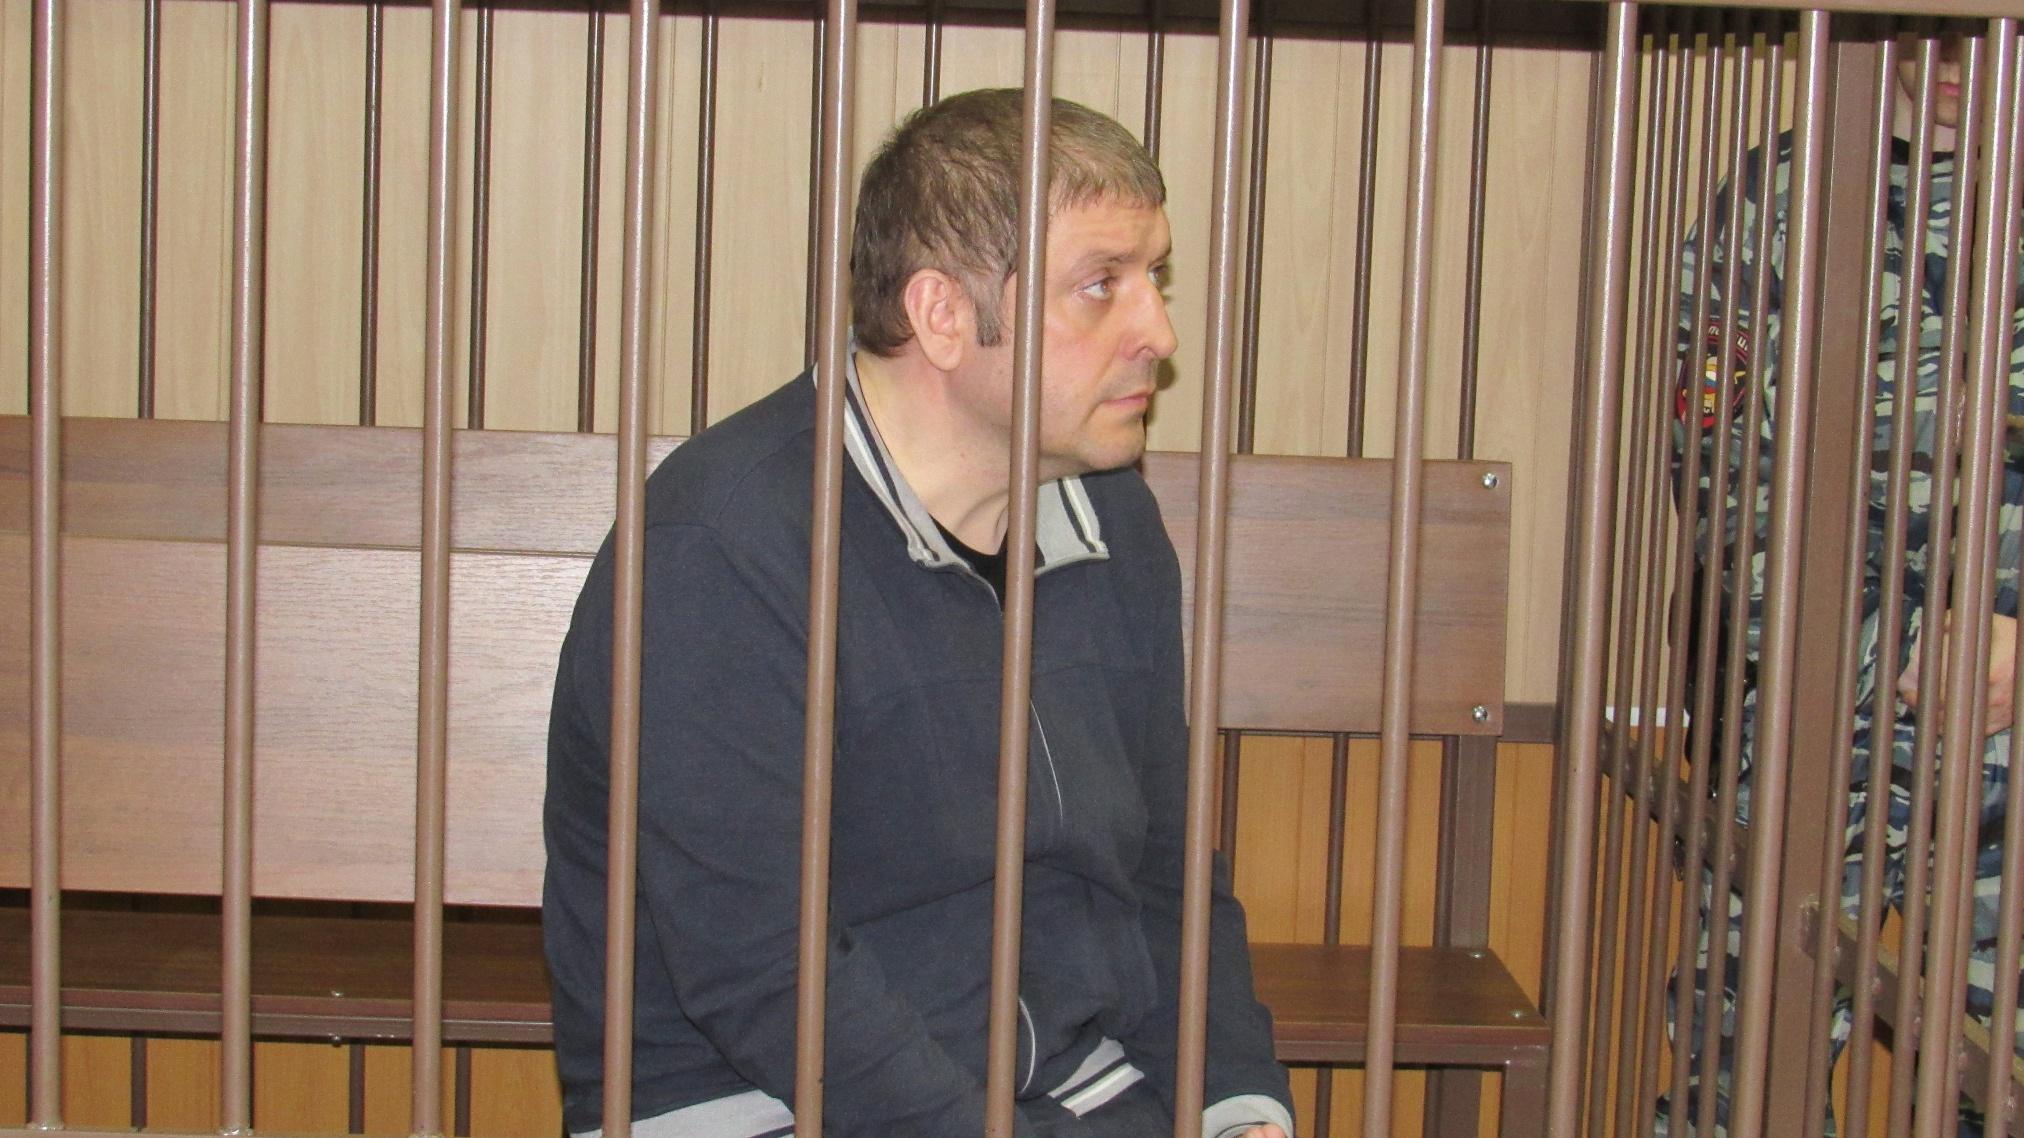 Бывшему заместителю губернатора Дмитрию Хвостову продлили меру пресечения в виде содержания под стражей на 3 месяца до 26 июня 2